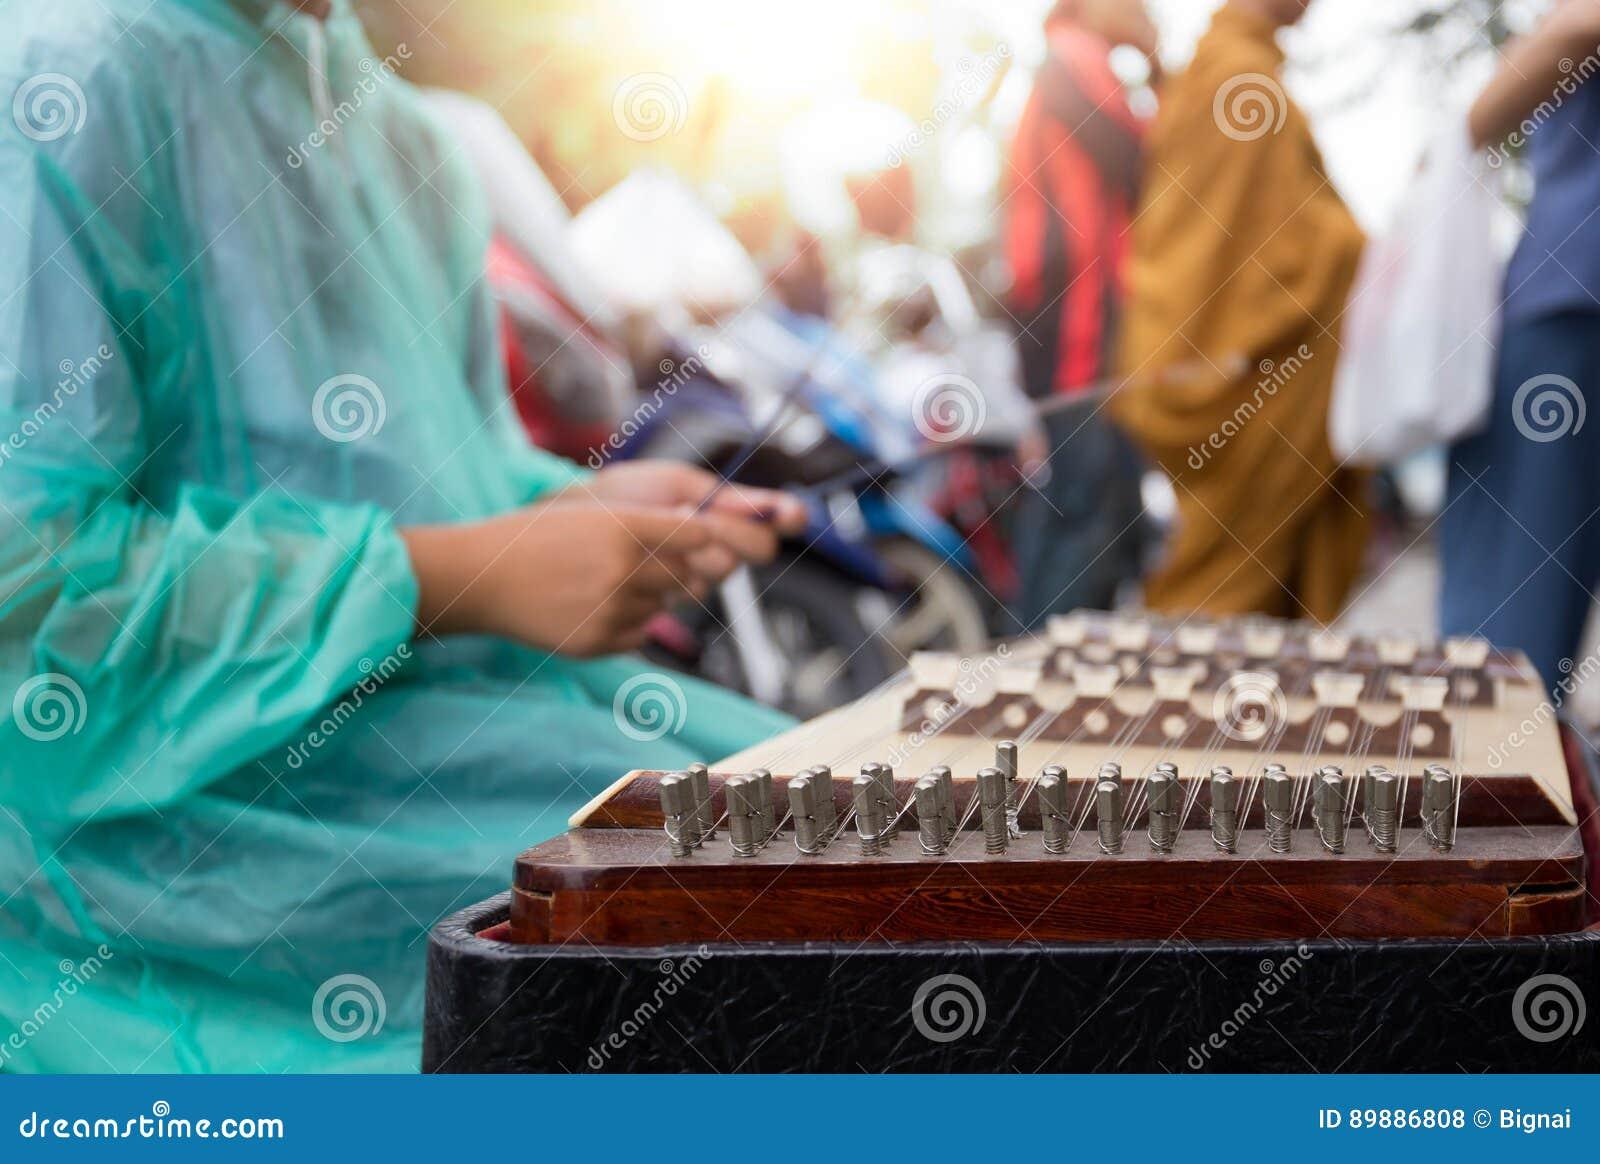 演奏泰国木洋琴音乐会的选择的焦点亚裔妇女